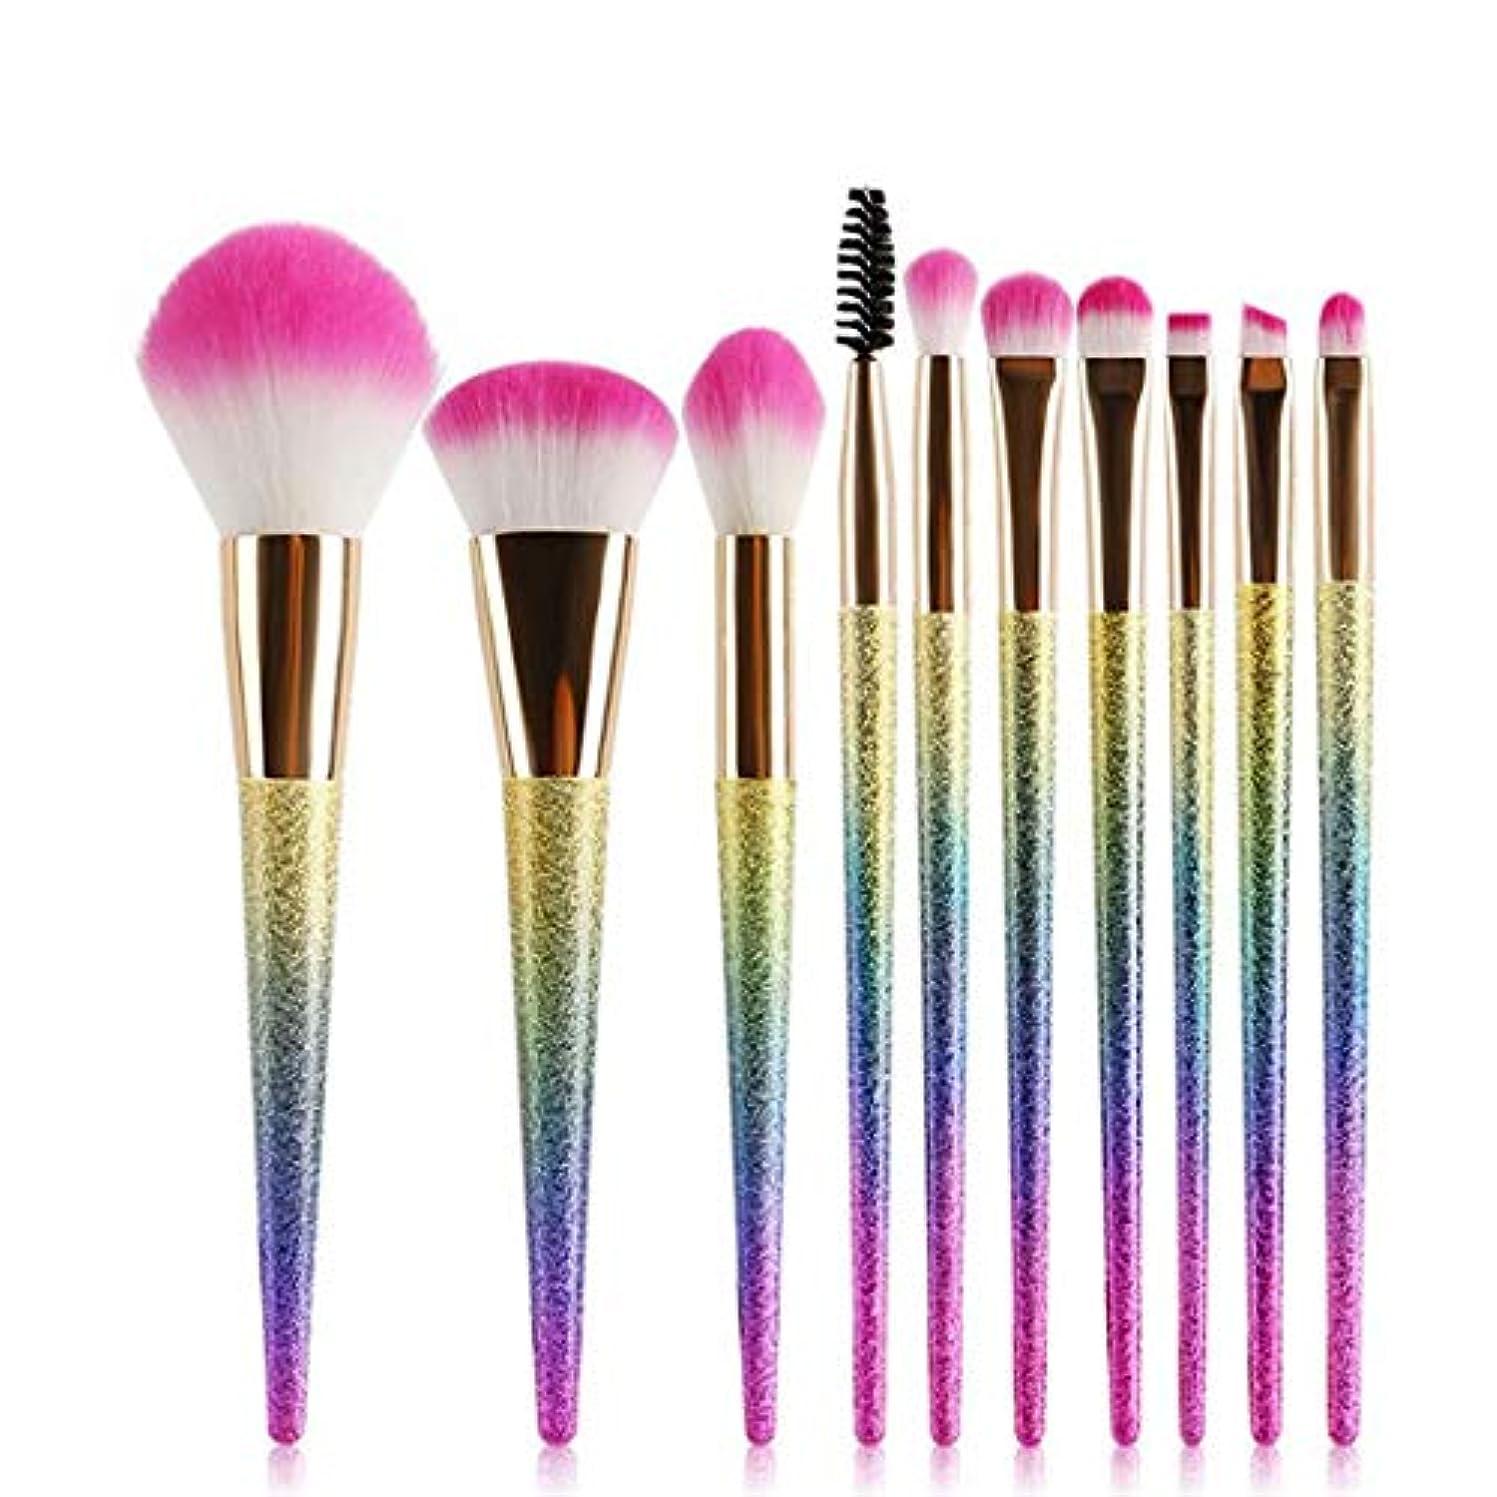 深める定期的に刺繍Makeup brushes 10メイク正しいブラシサンディングセットファイバーヘア美容メイクアップツール赤面アイシャドウフェイス輪郭の輪郭輪郭まつげブラシ suits (Color : Colorful)